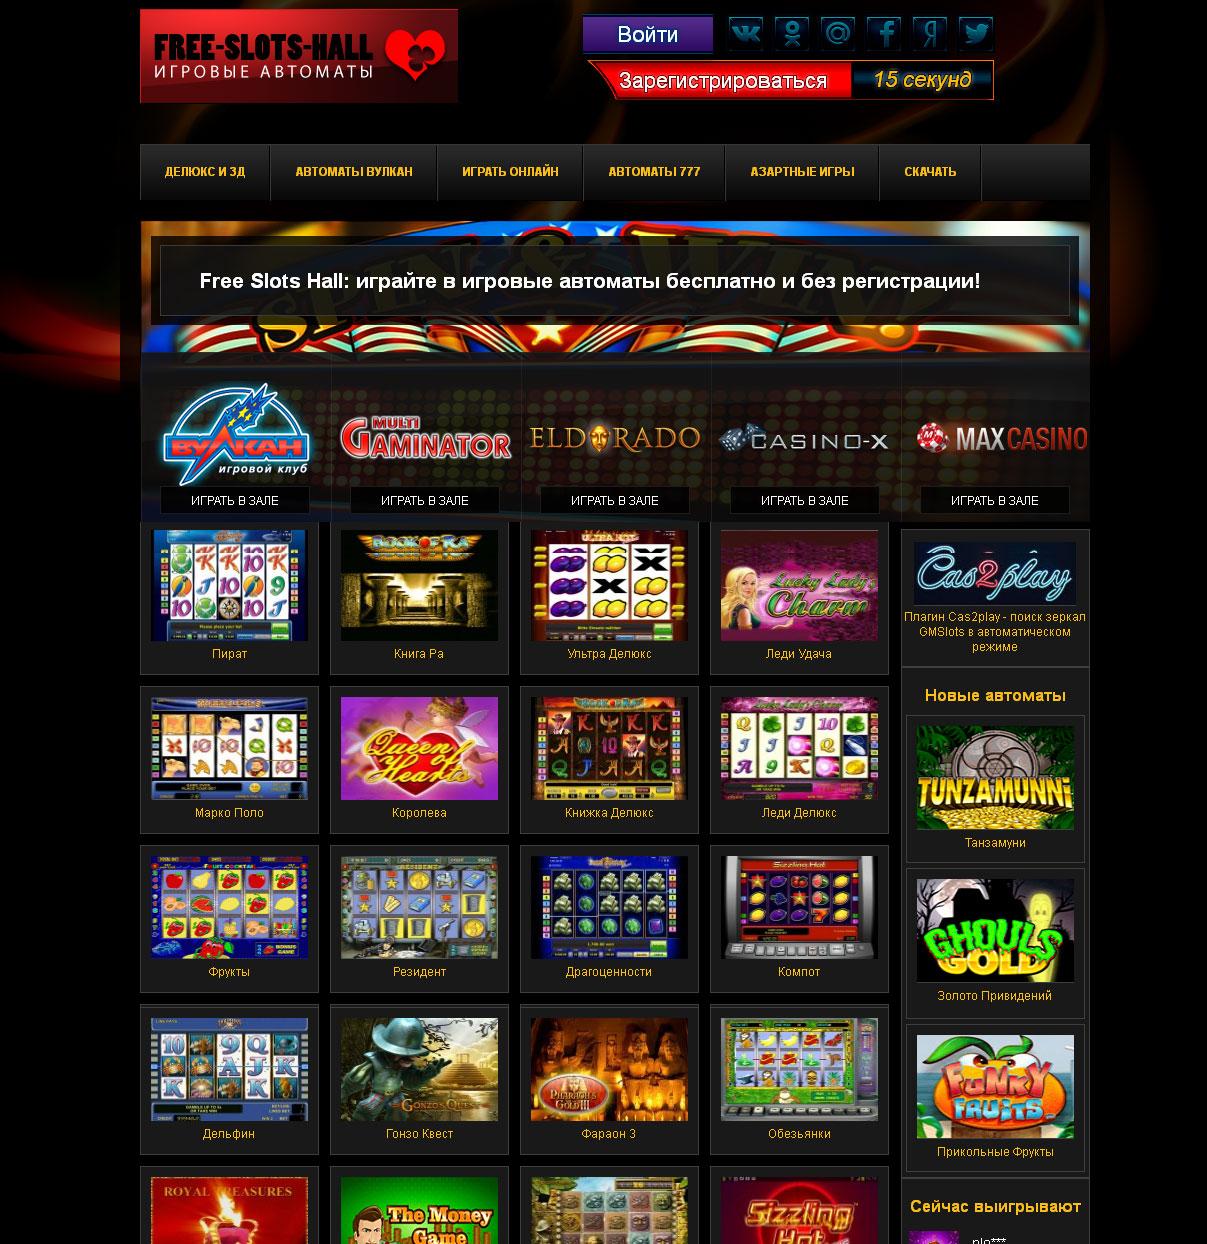 Free Slots Hall: играйте в игровые автоматы бесплатно и без регистрации!